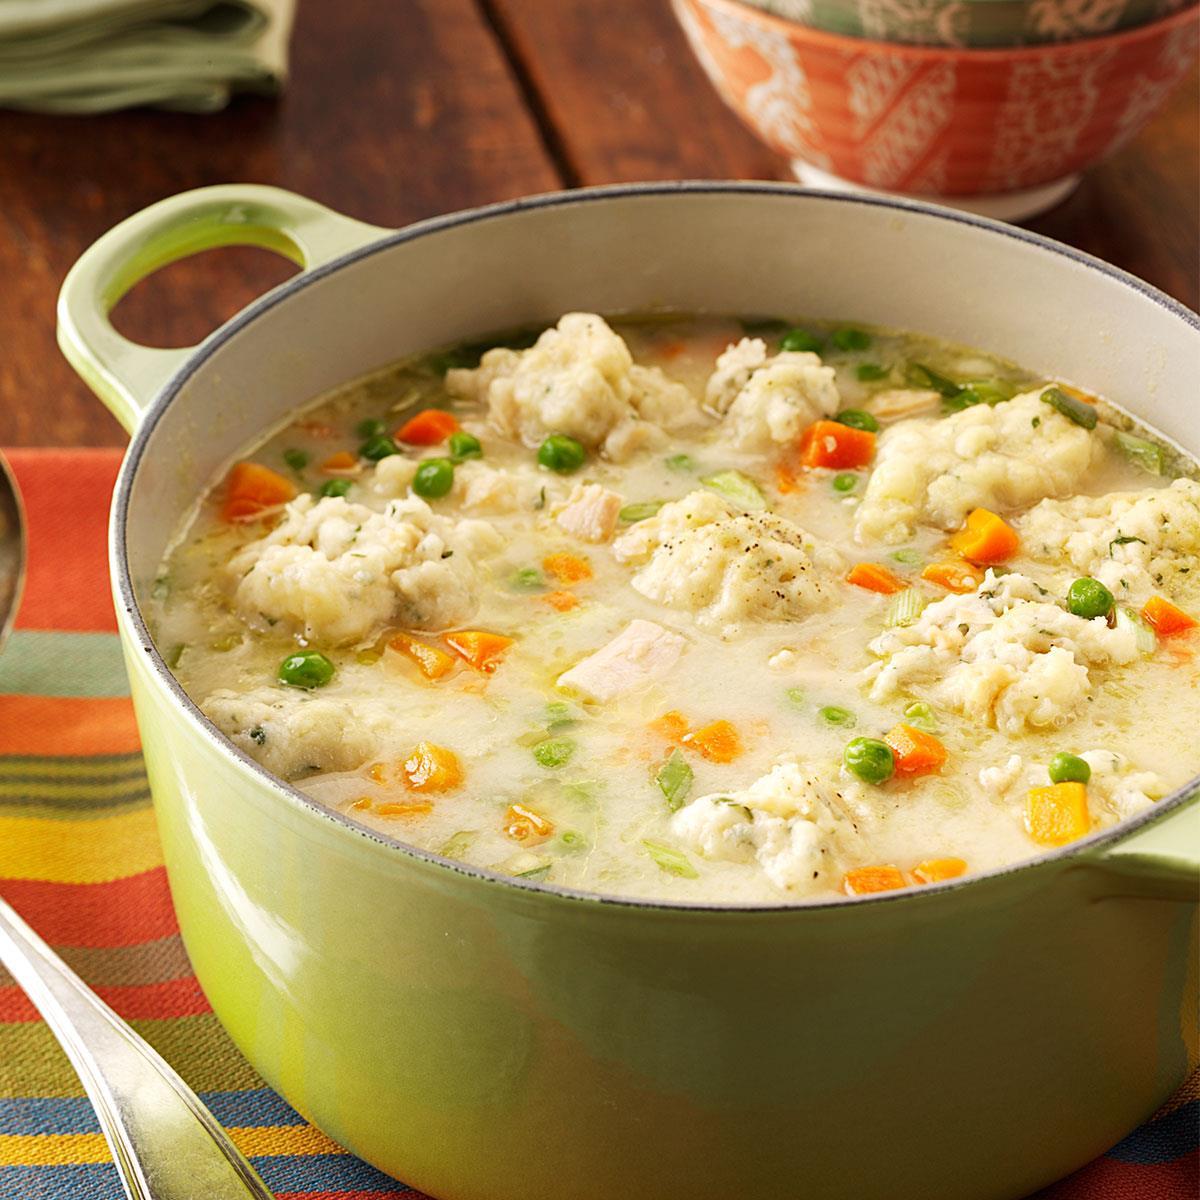 Lagana pileća supa s knedlama